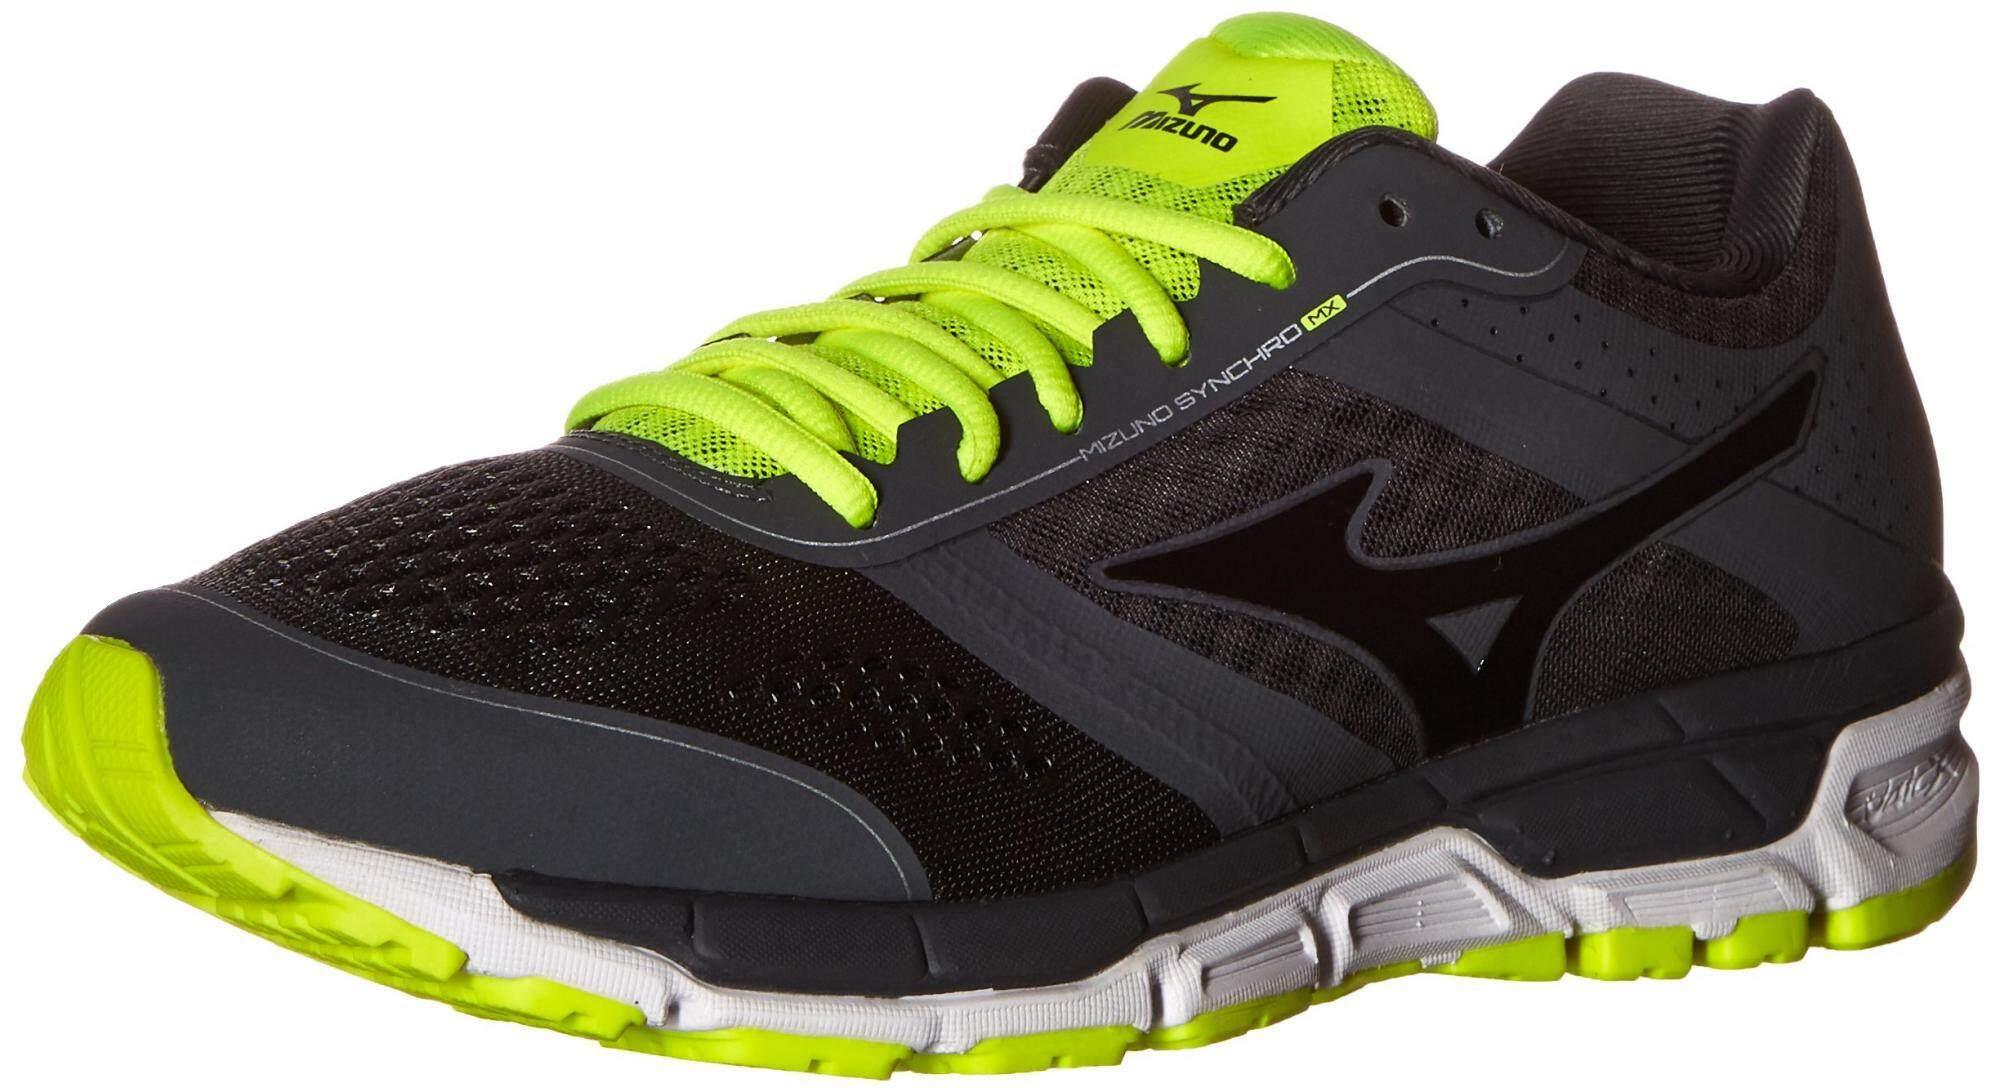 Mizuno Men's Synchro MX Running Shoe, Dark Shadow/Black, 11.5 D US - intl